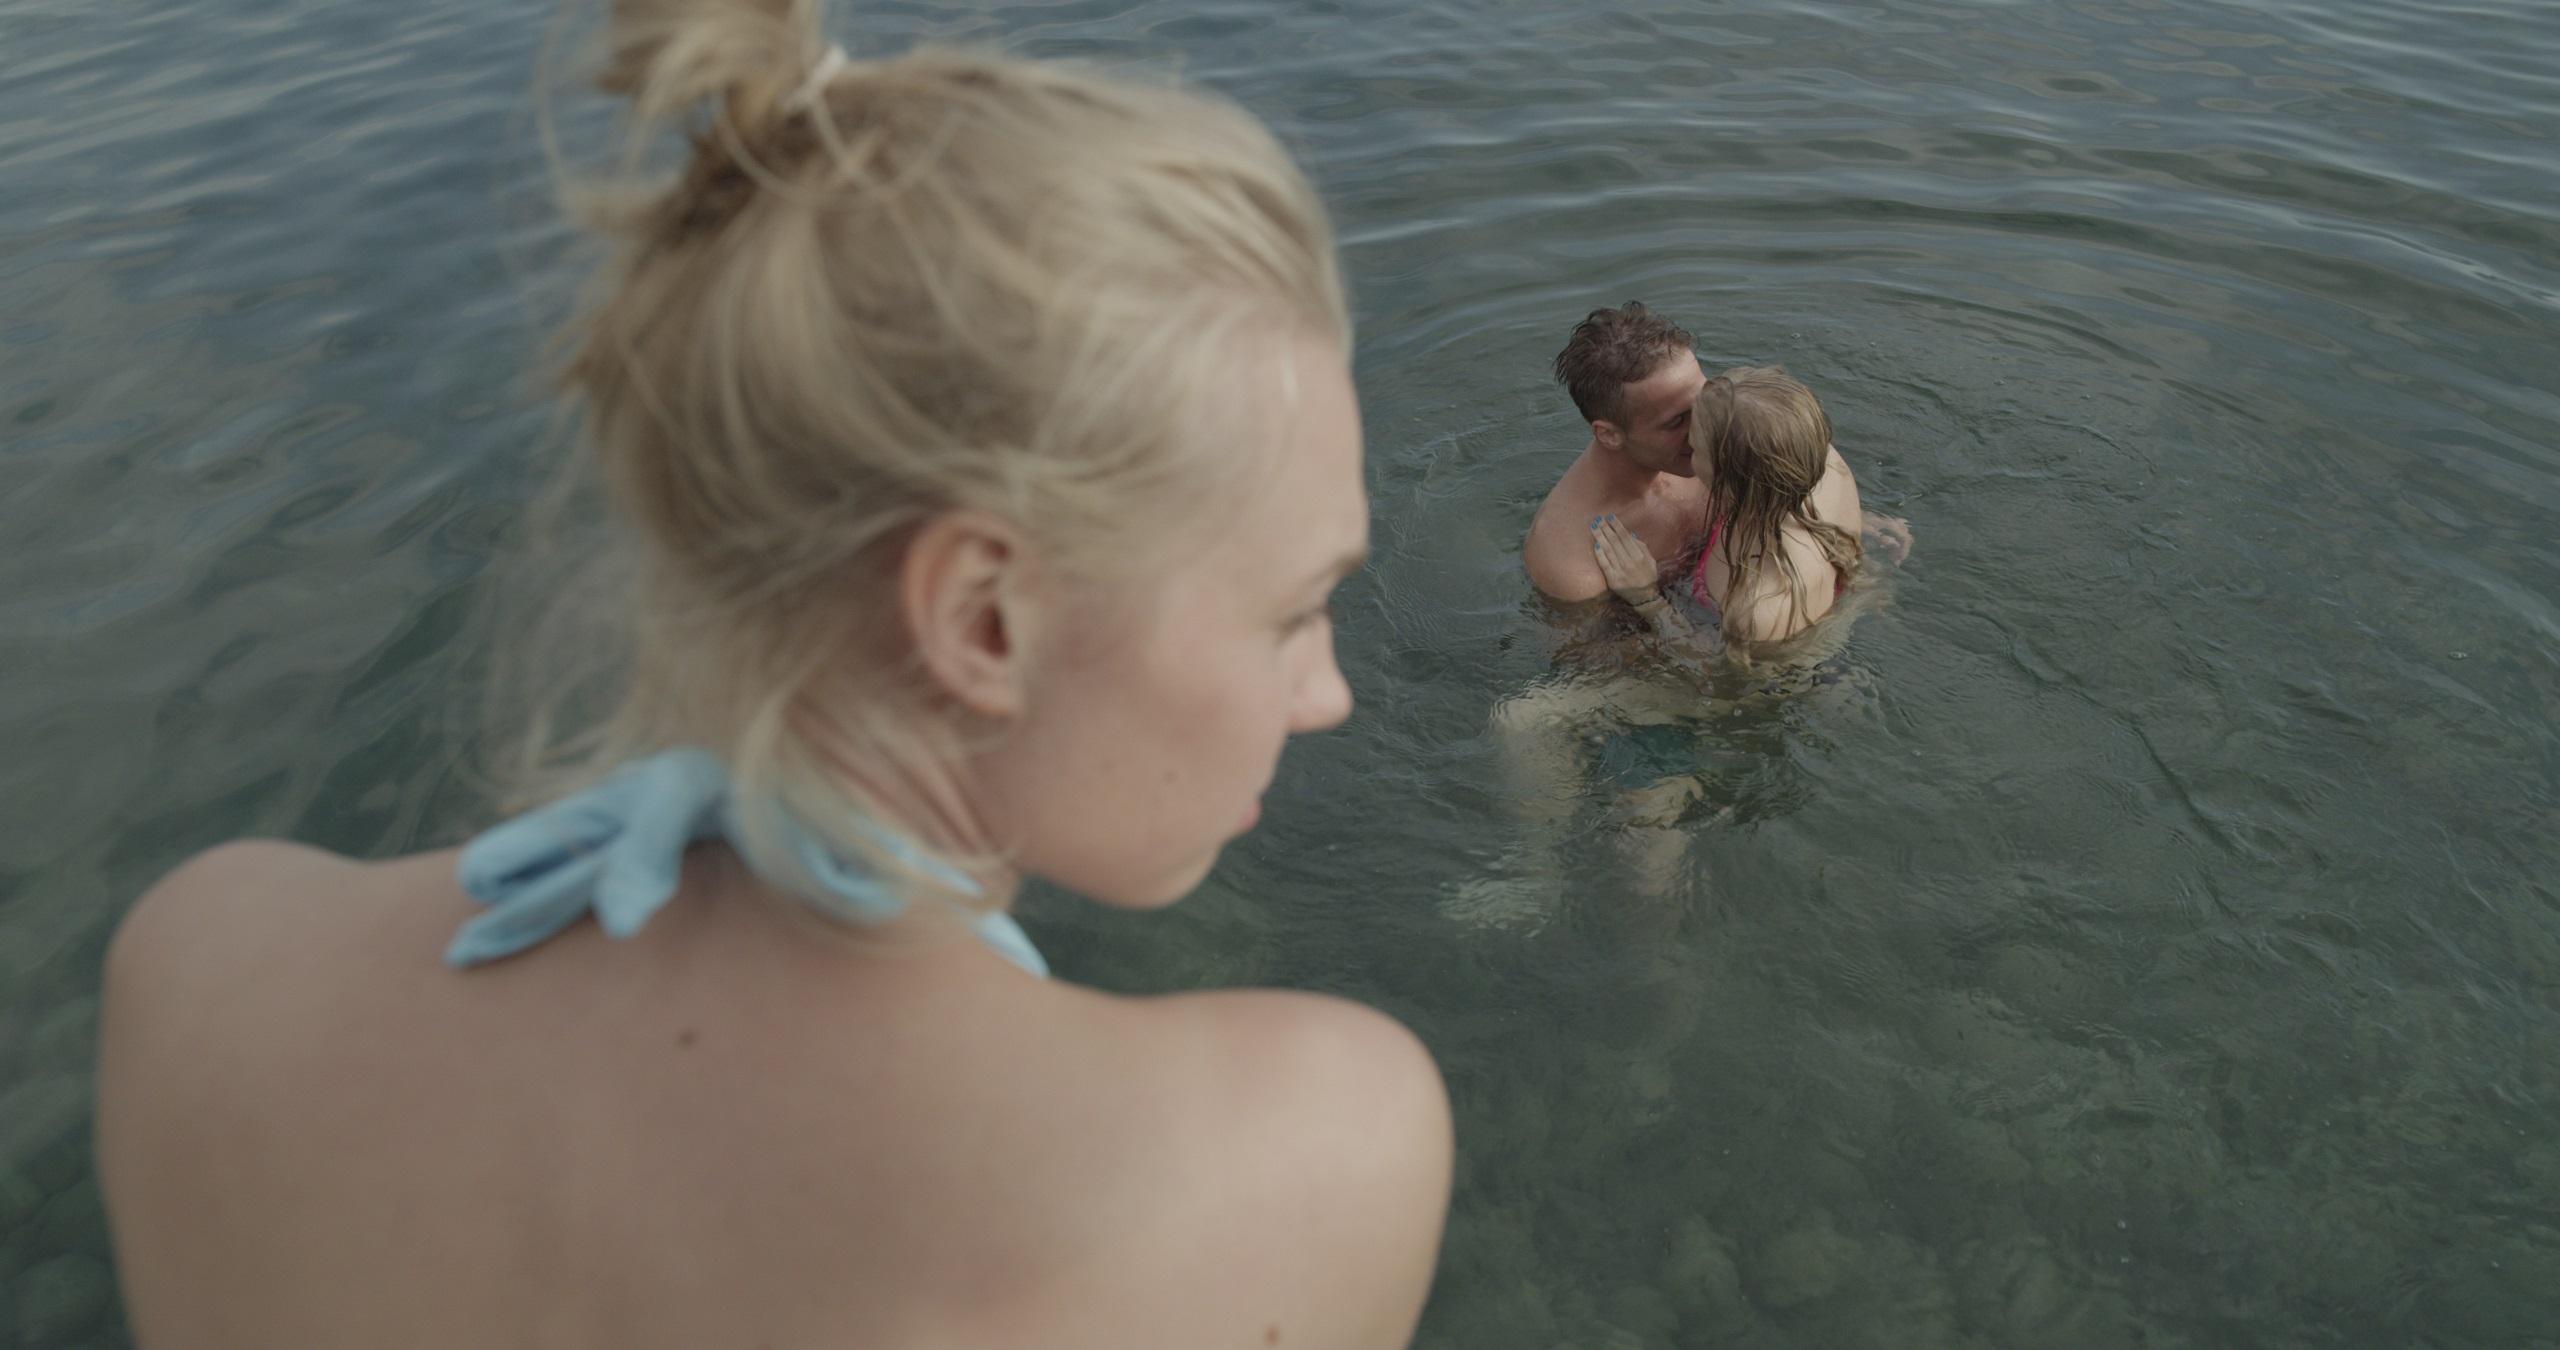 Lezbian 18 erotik film izle - 3 2